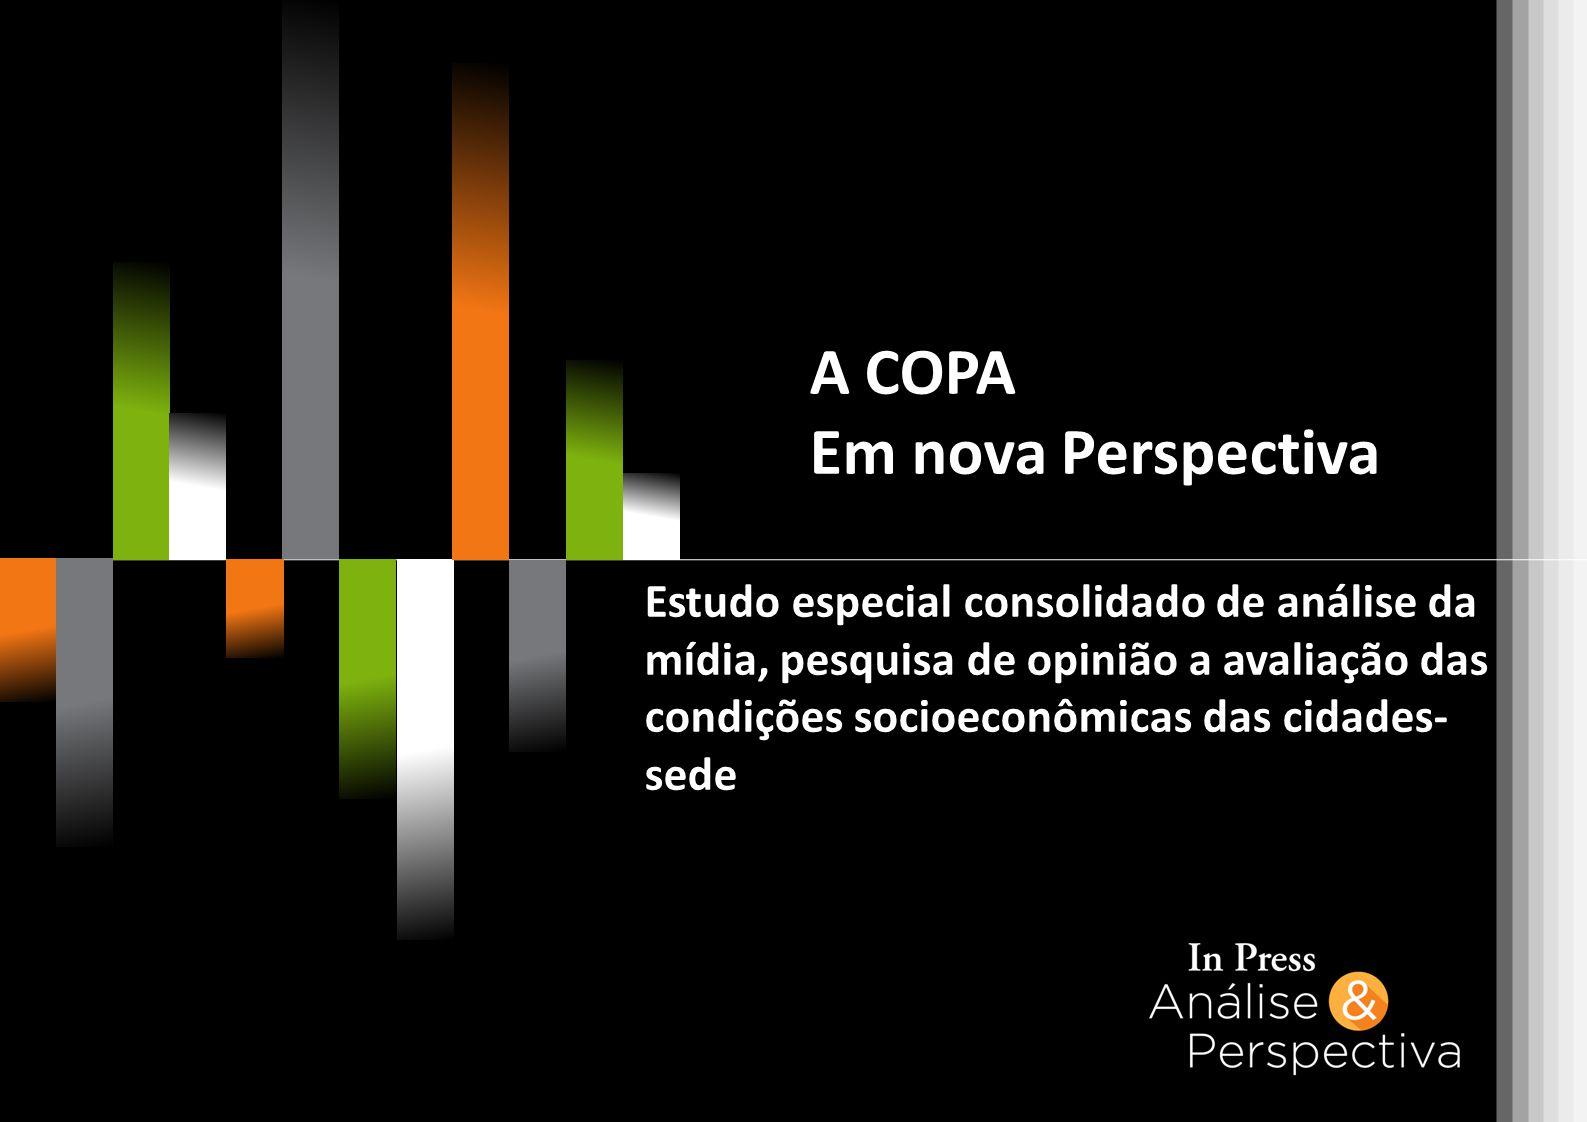 A COPA Em nova Perspectiva Estudo especial consolidado de análise da mídia, pesquisa de opinião a avaliação das condições socioeconômicas das cidades- sede